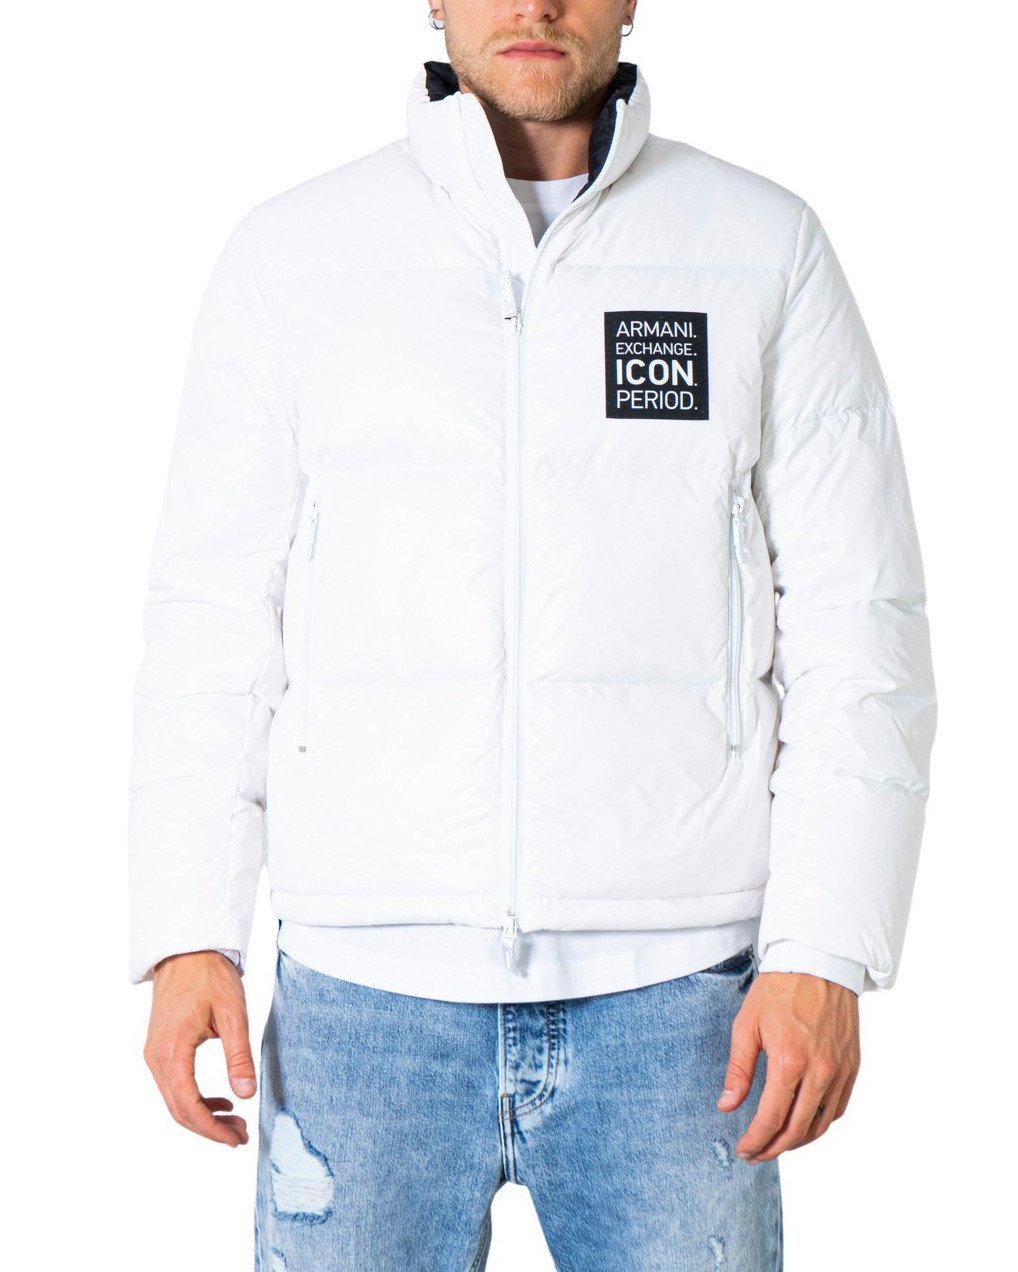 Armani Exchange Men's Jacket Various Colours 273168 - white XL